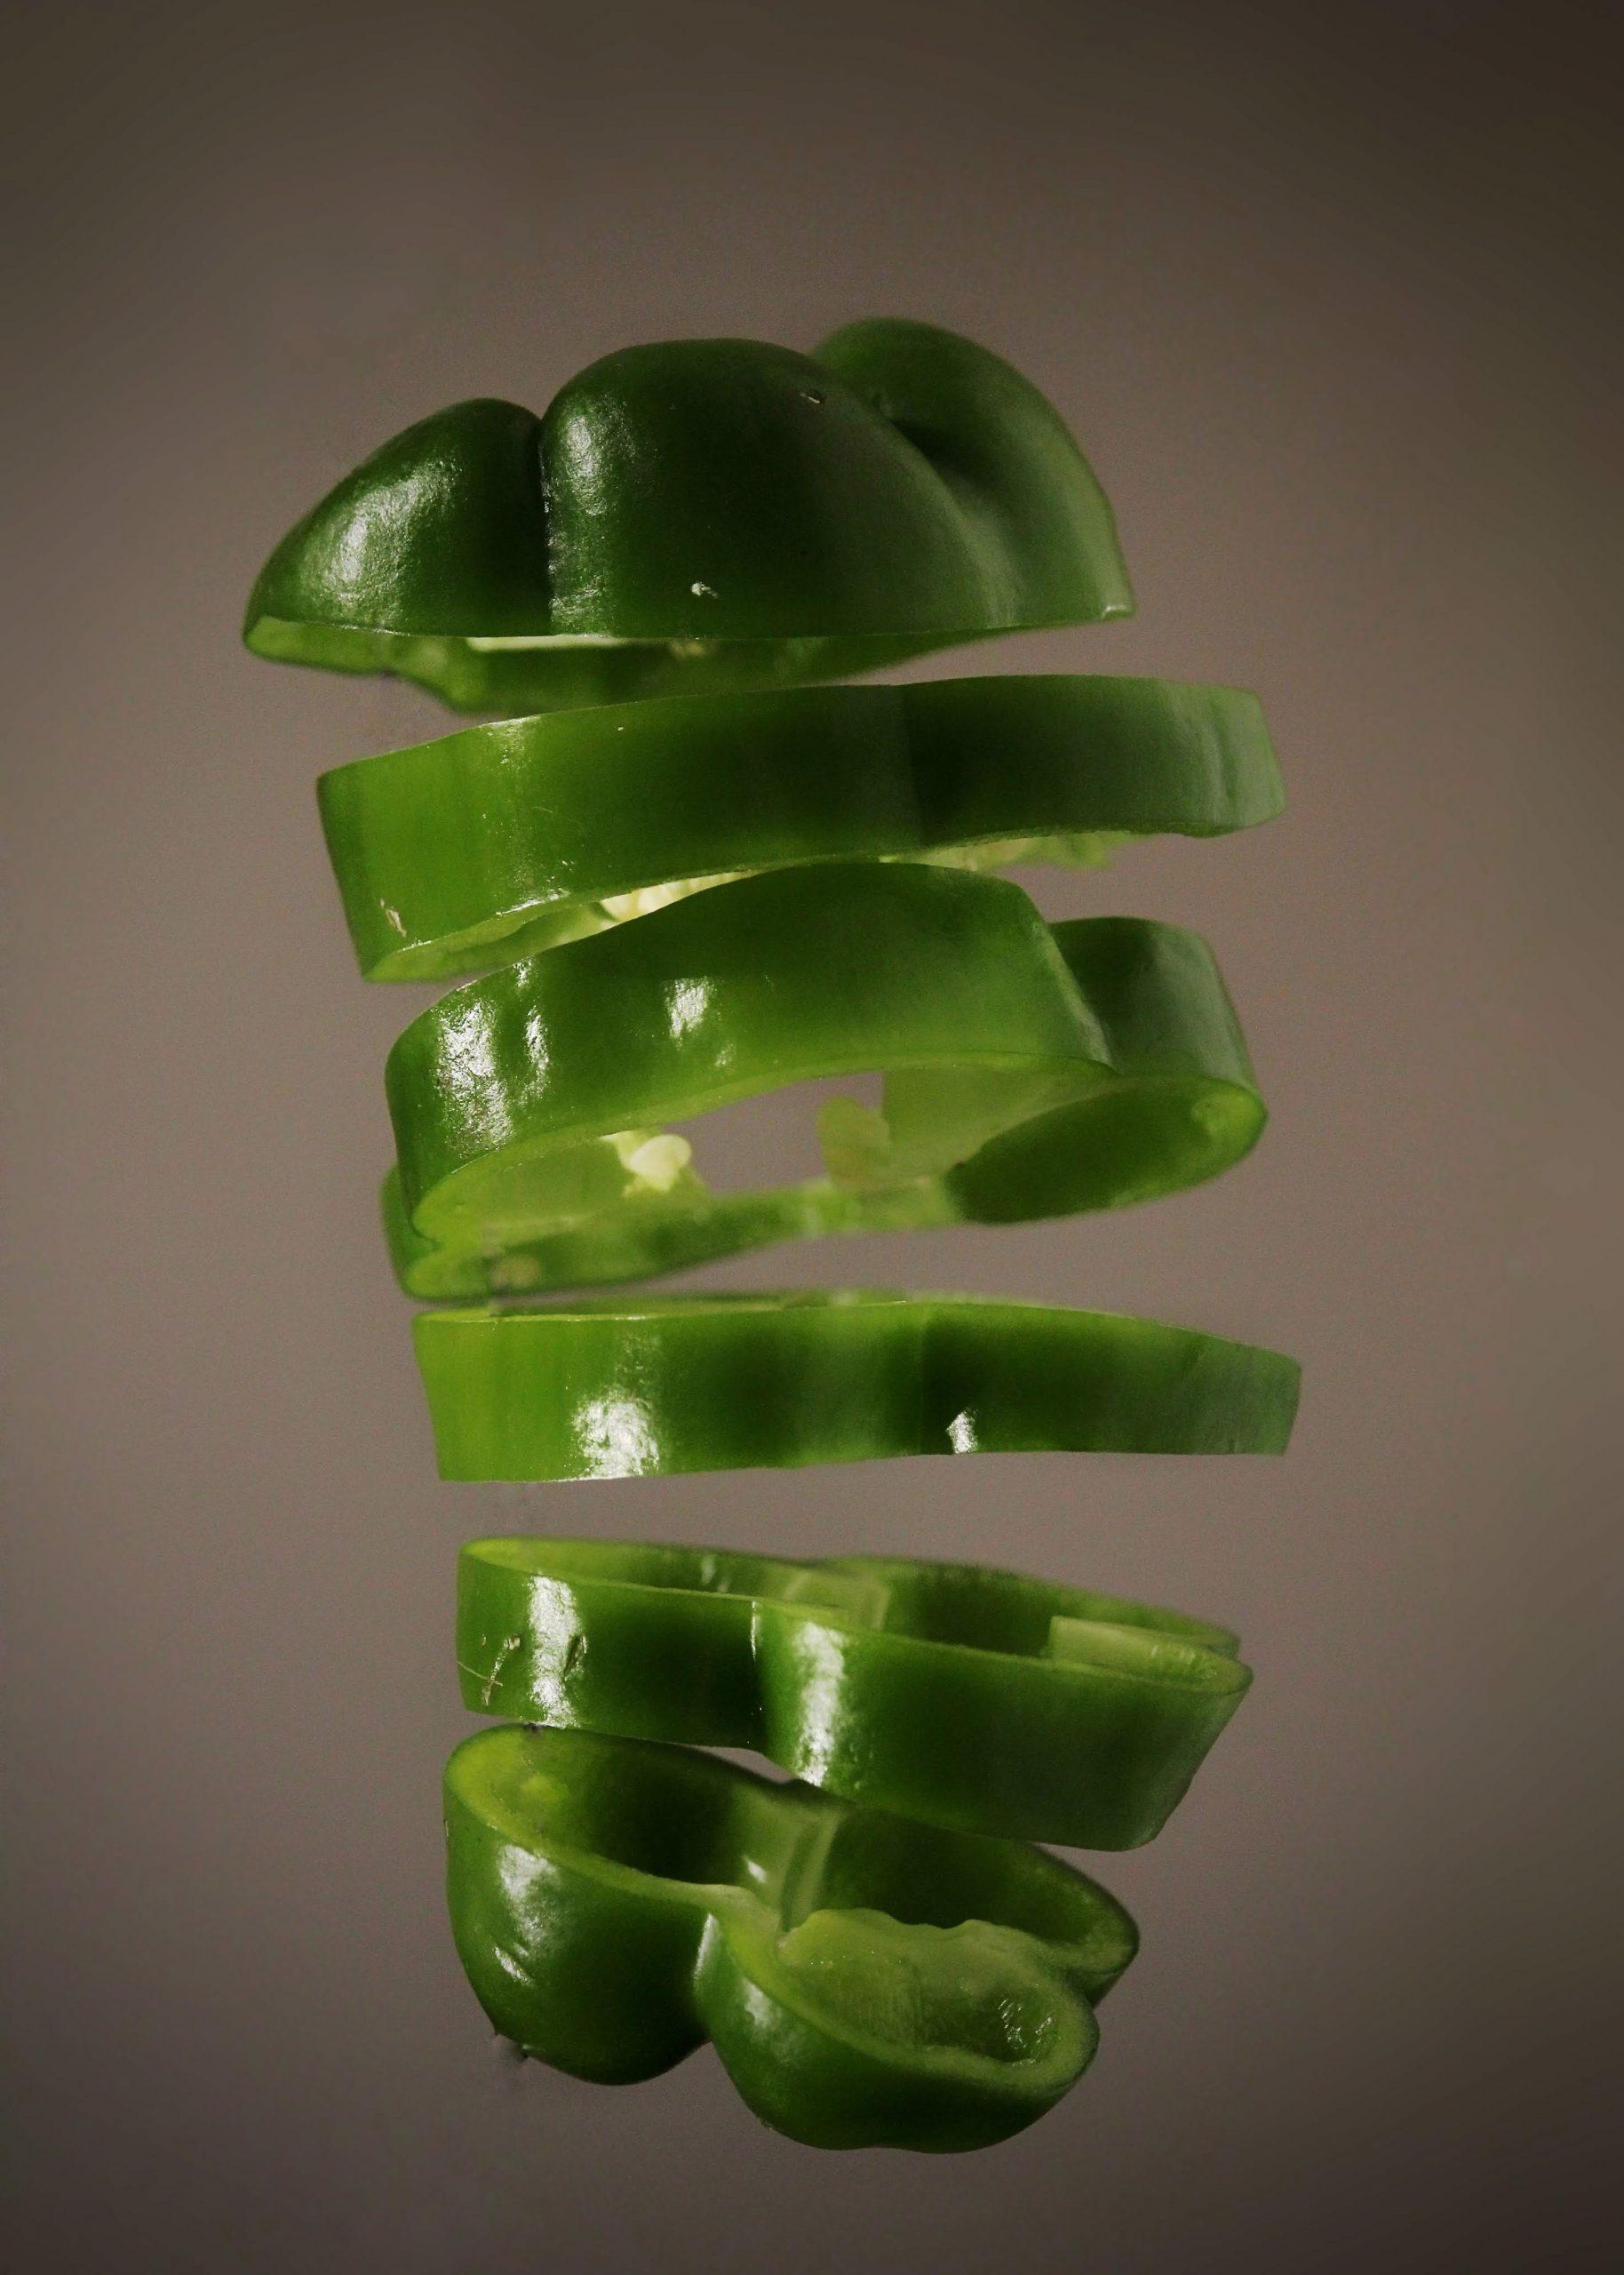 sliced capsicum